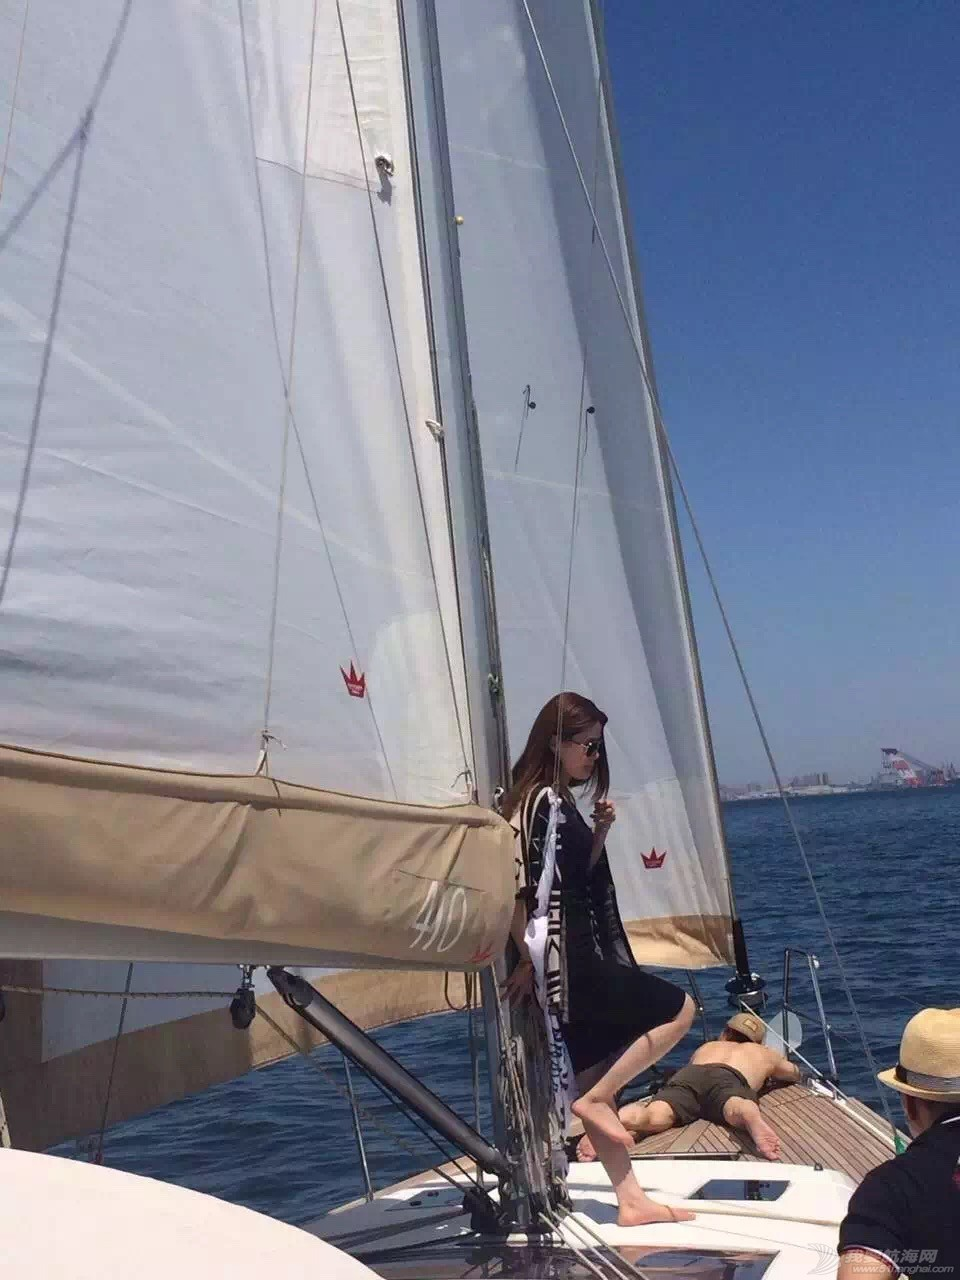 法国,帆船,高血压,剧烈运动,中山区 法国丹枫帆船出海看日落约起来